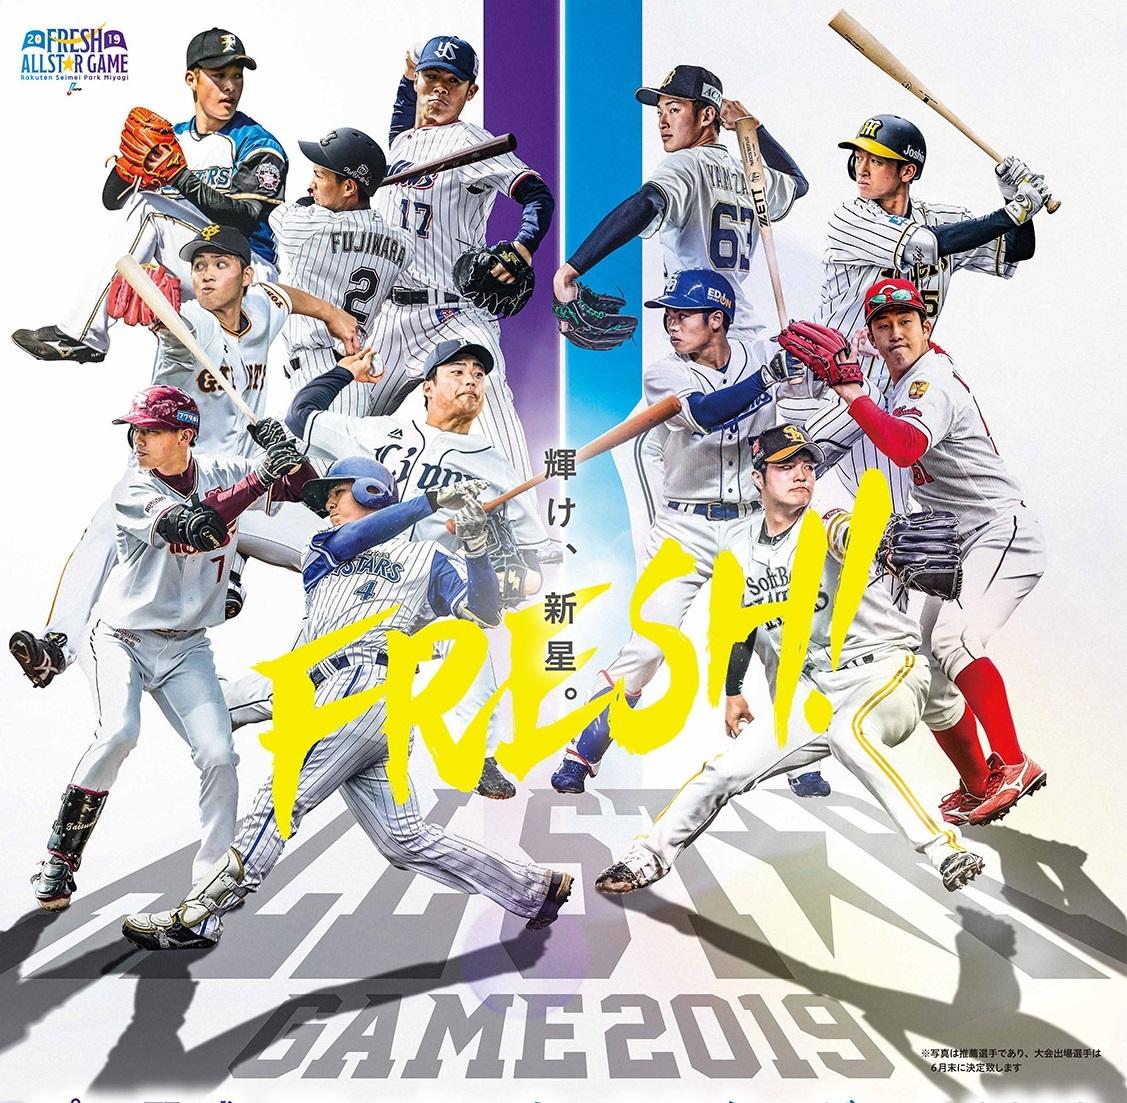 『プロ野球フレッシュオールスターゲーム2019』の出場予定選手が発表された